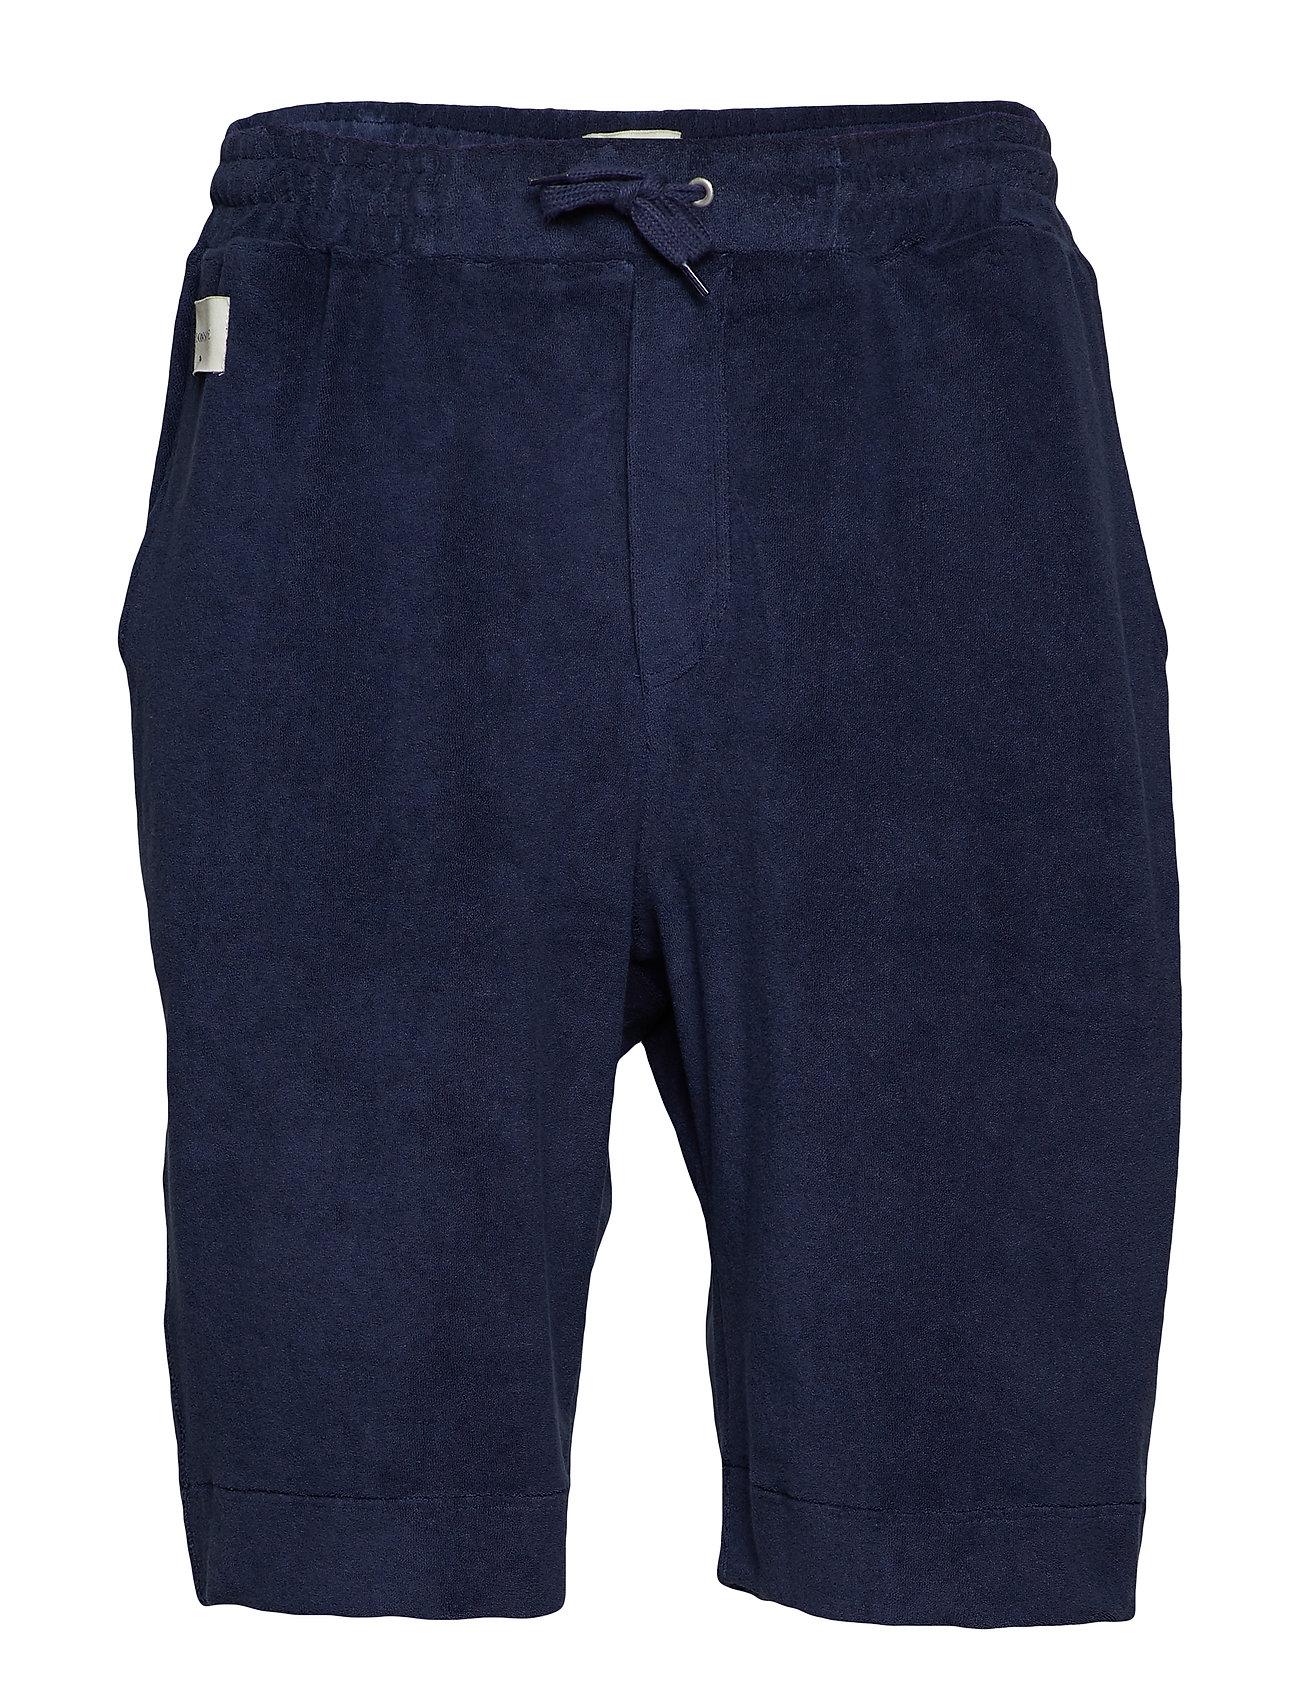 Tonsure Jersey regular shorts - DARK NAVY